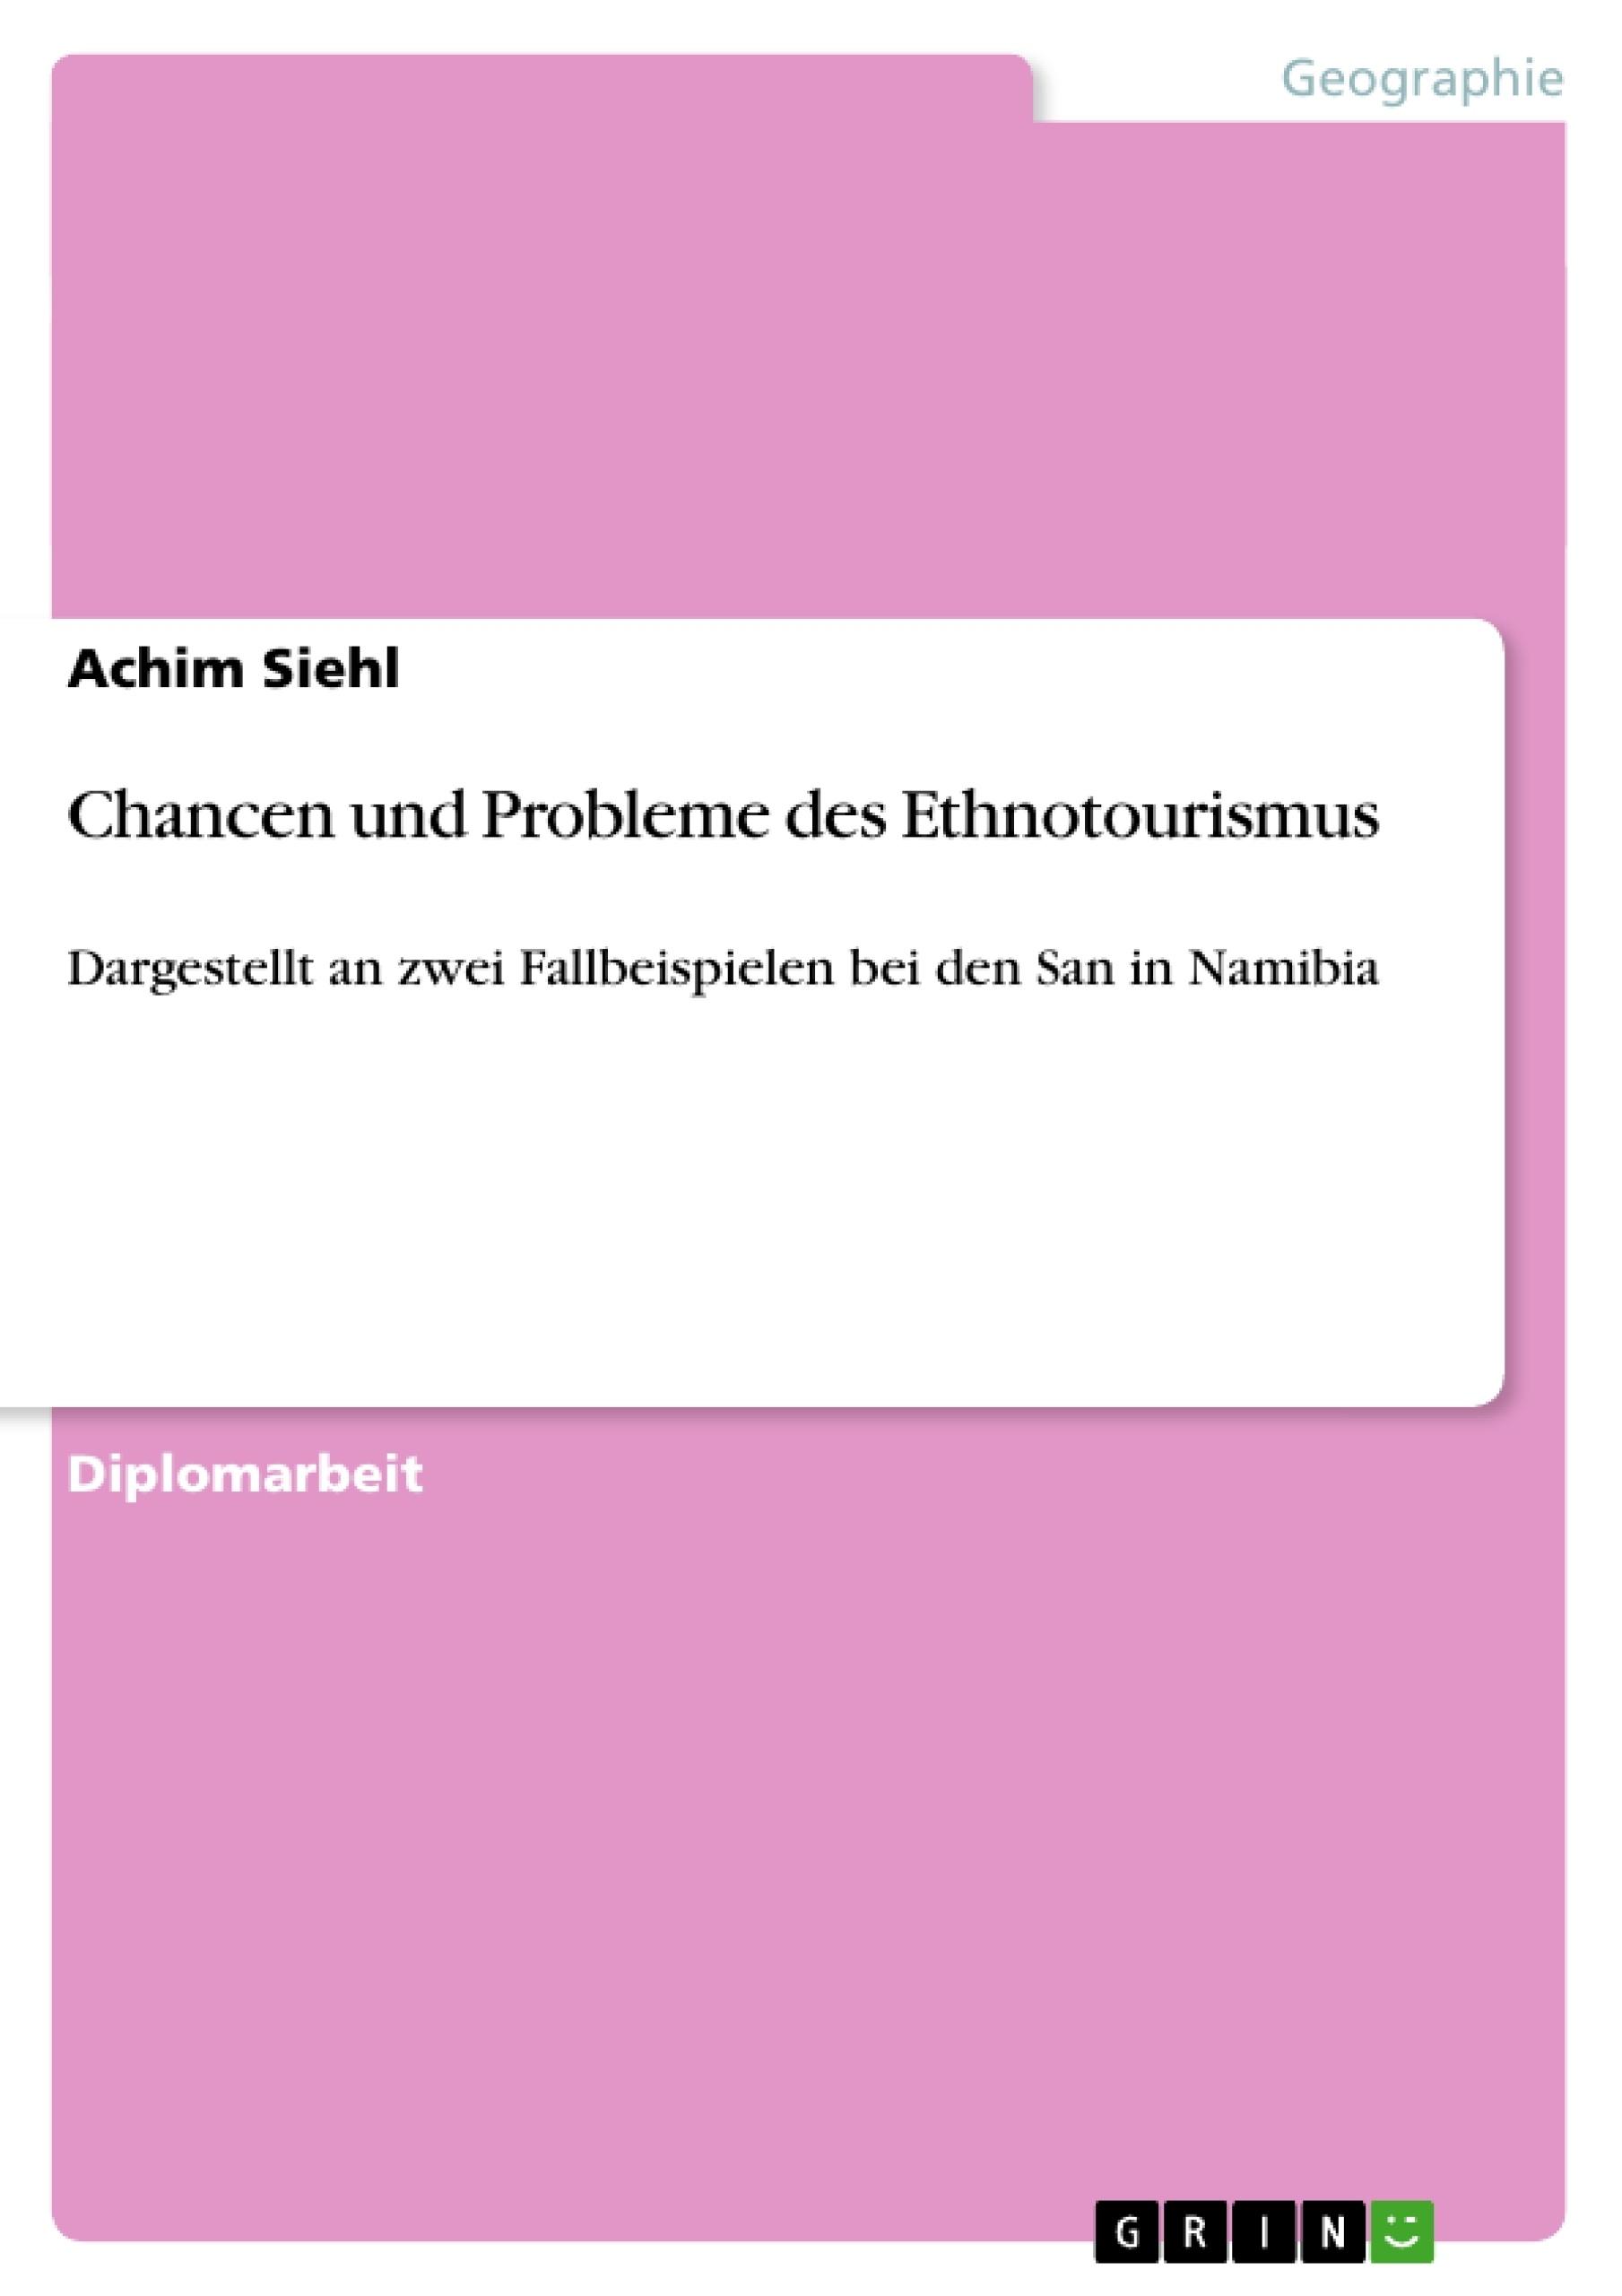 Schön Cbt Einer Tabelle Für Sucht Fotos - Mathe Arbeitsblatt ...